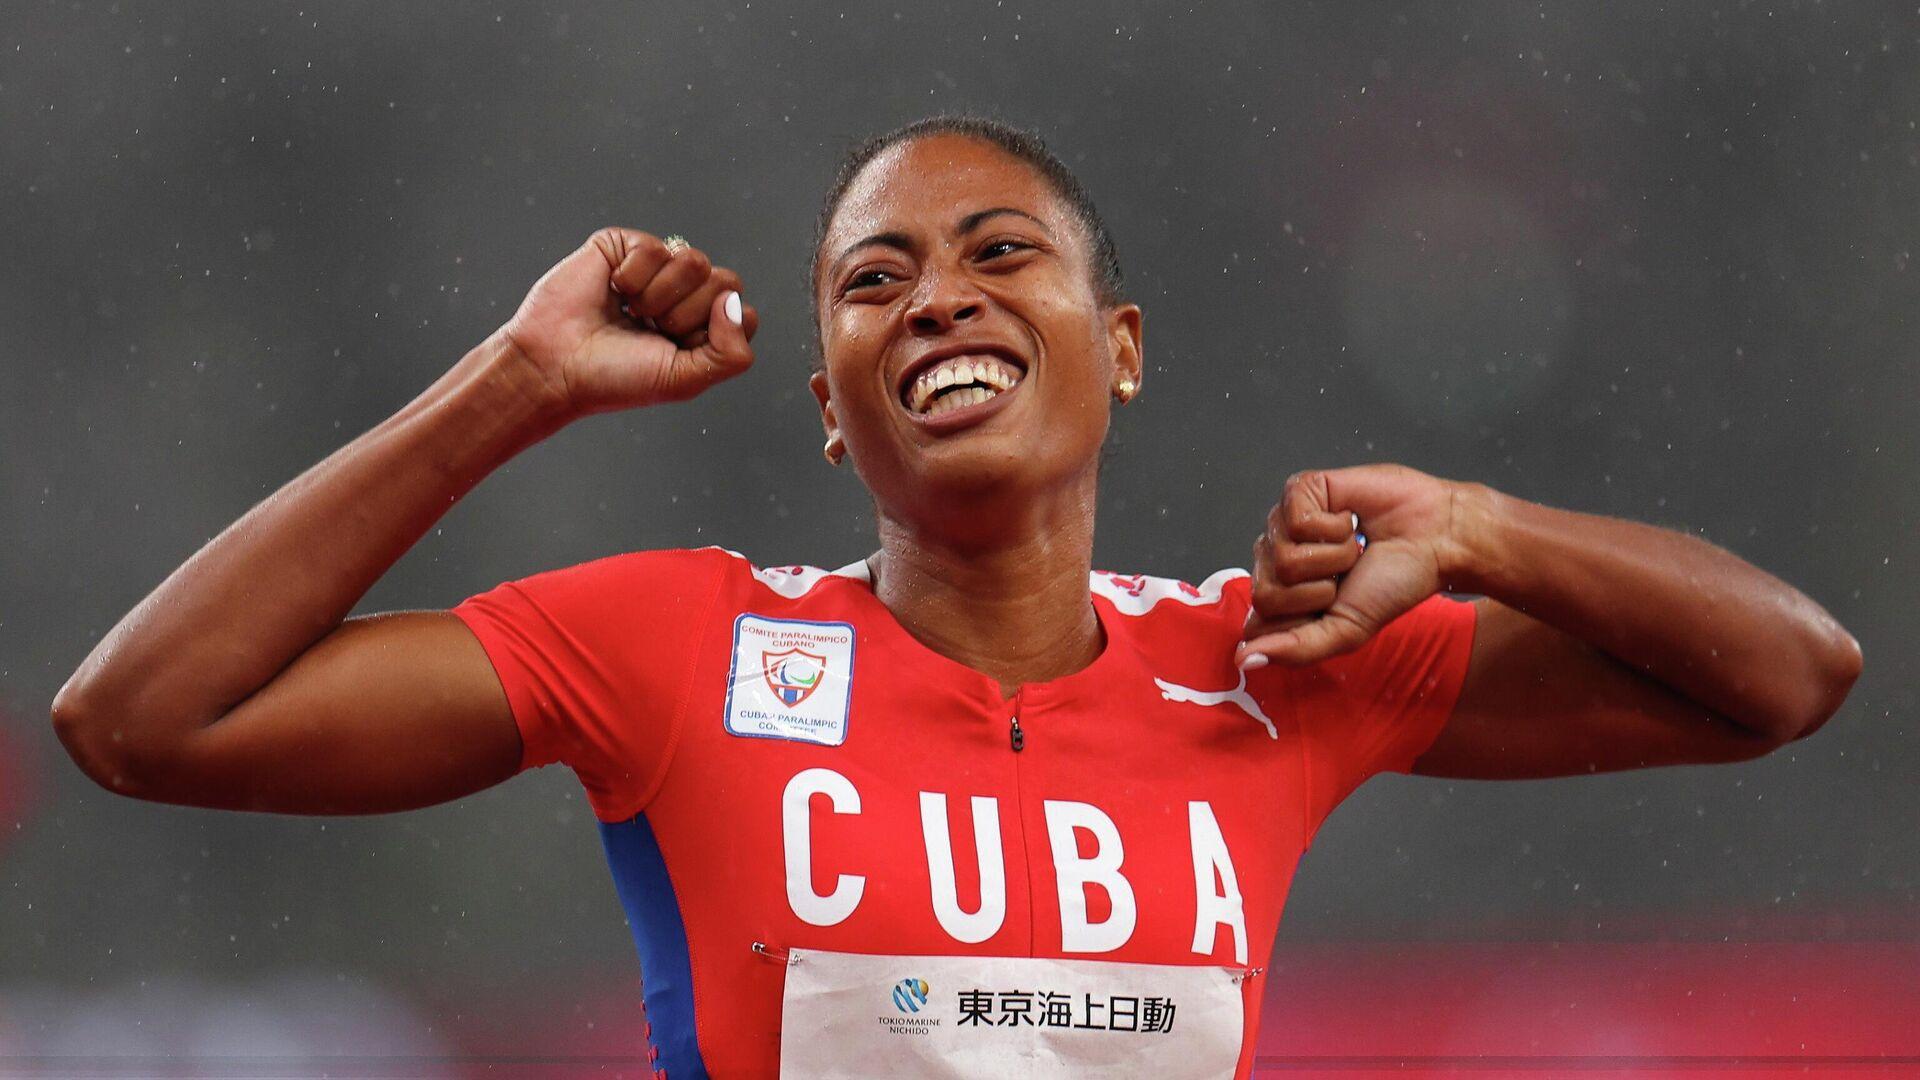 Omara Durand Elias, deportista paralímpica de Cuba, celebra su medalla de oro en los Juegos Paralímpicos de Tokio 2020, el 4 de septiembre del 2021 - Sputnik Mundo, 1920, 04.09.2021